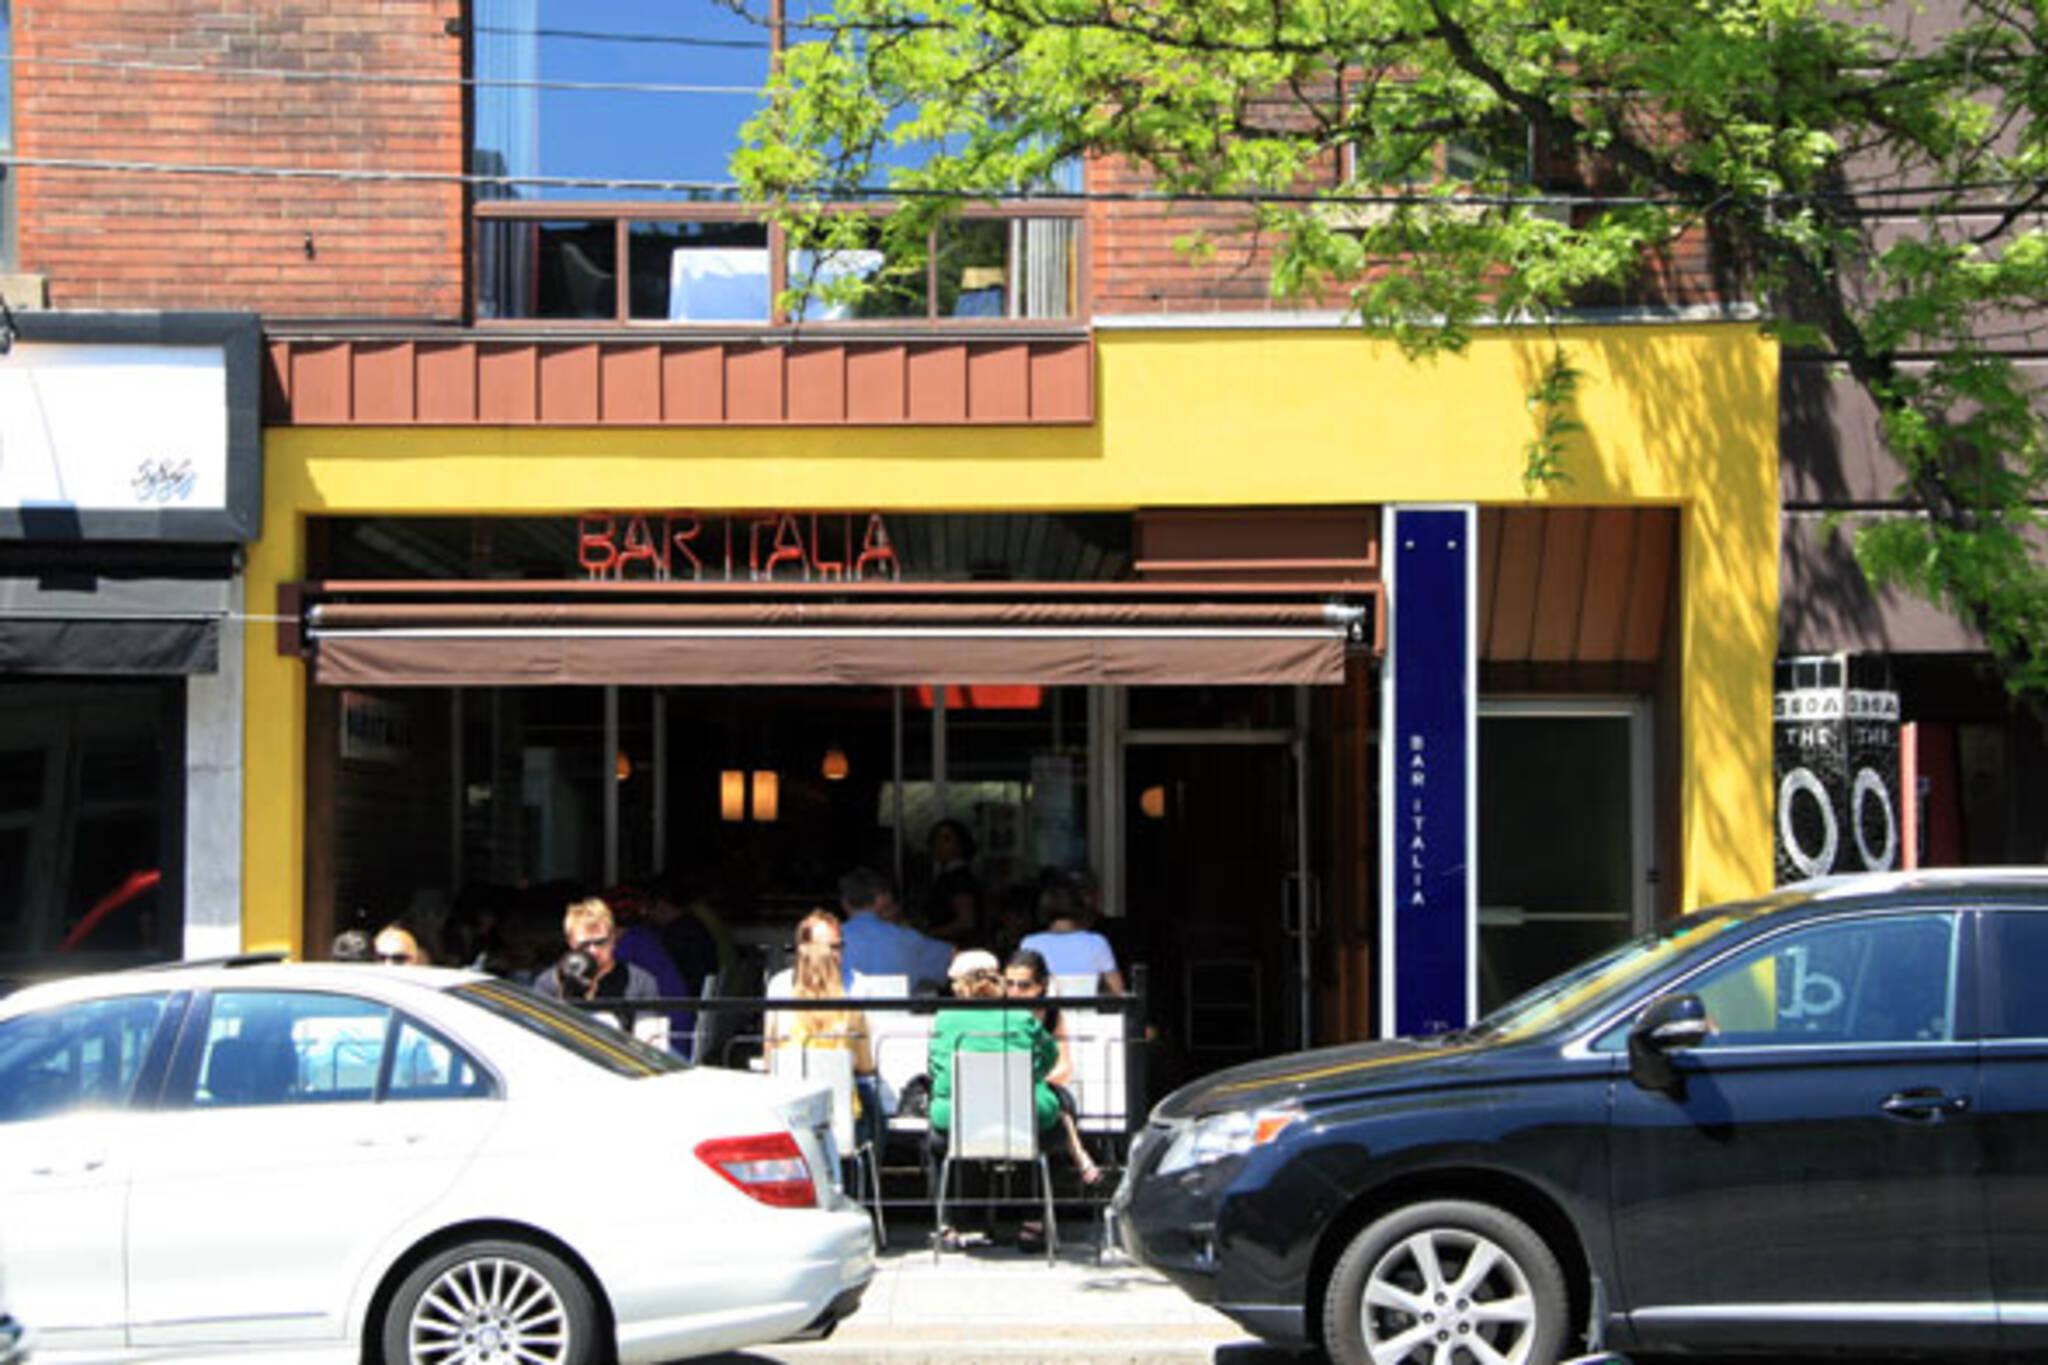 Bar Italia Toronto